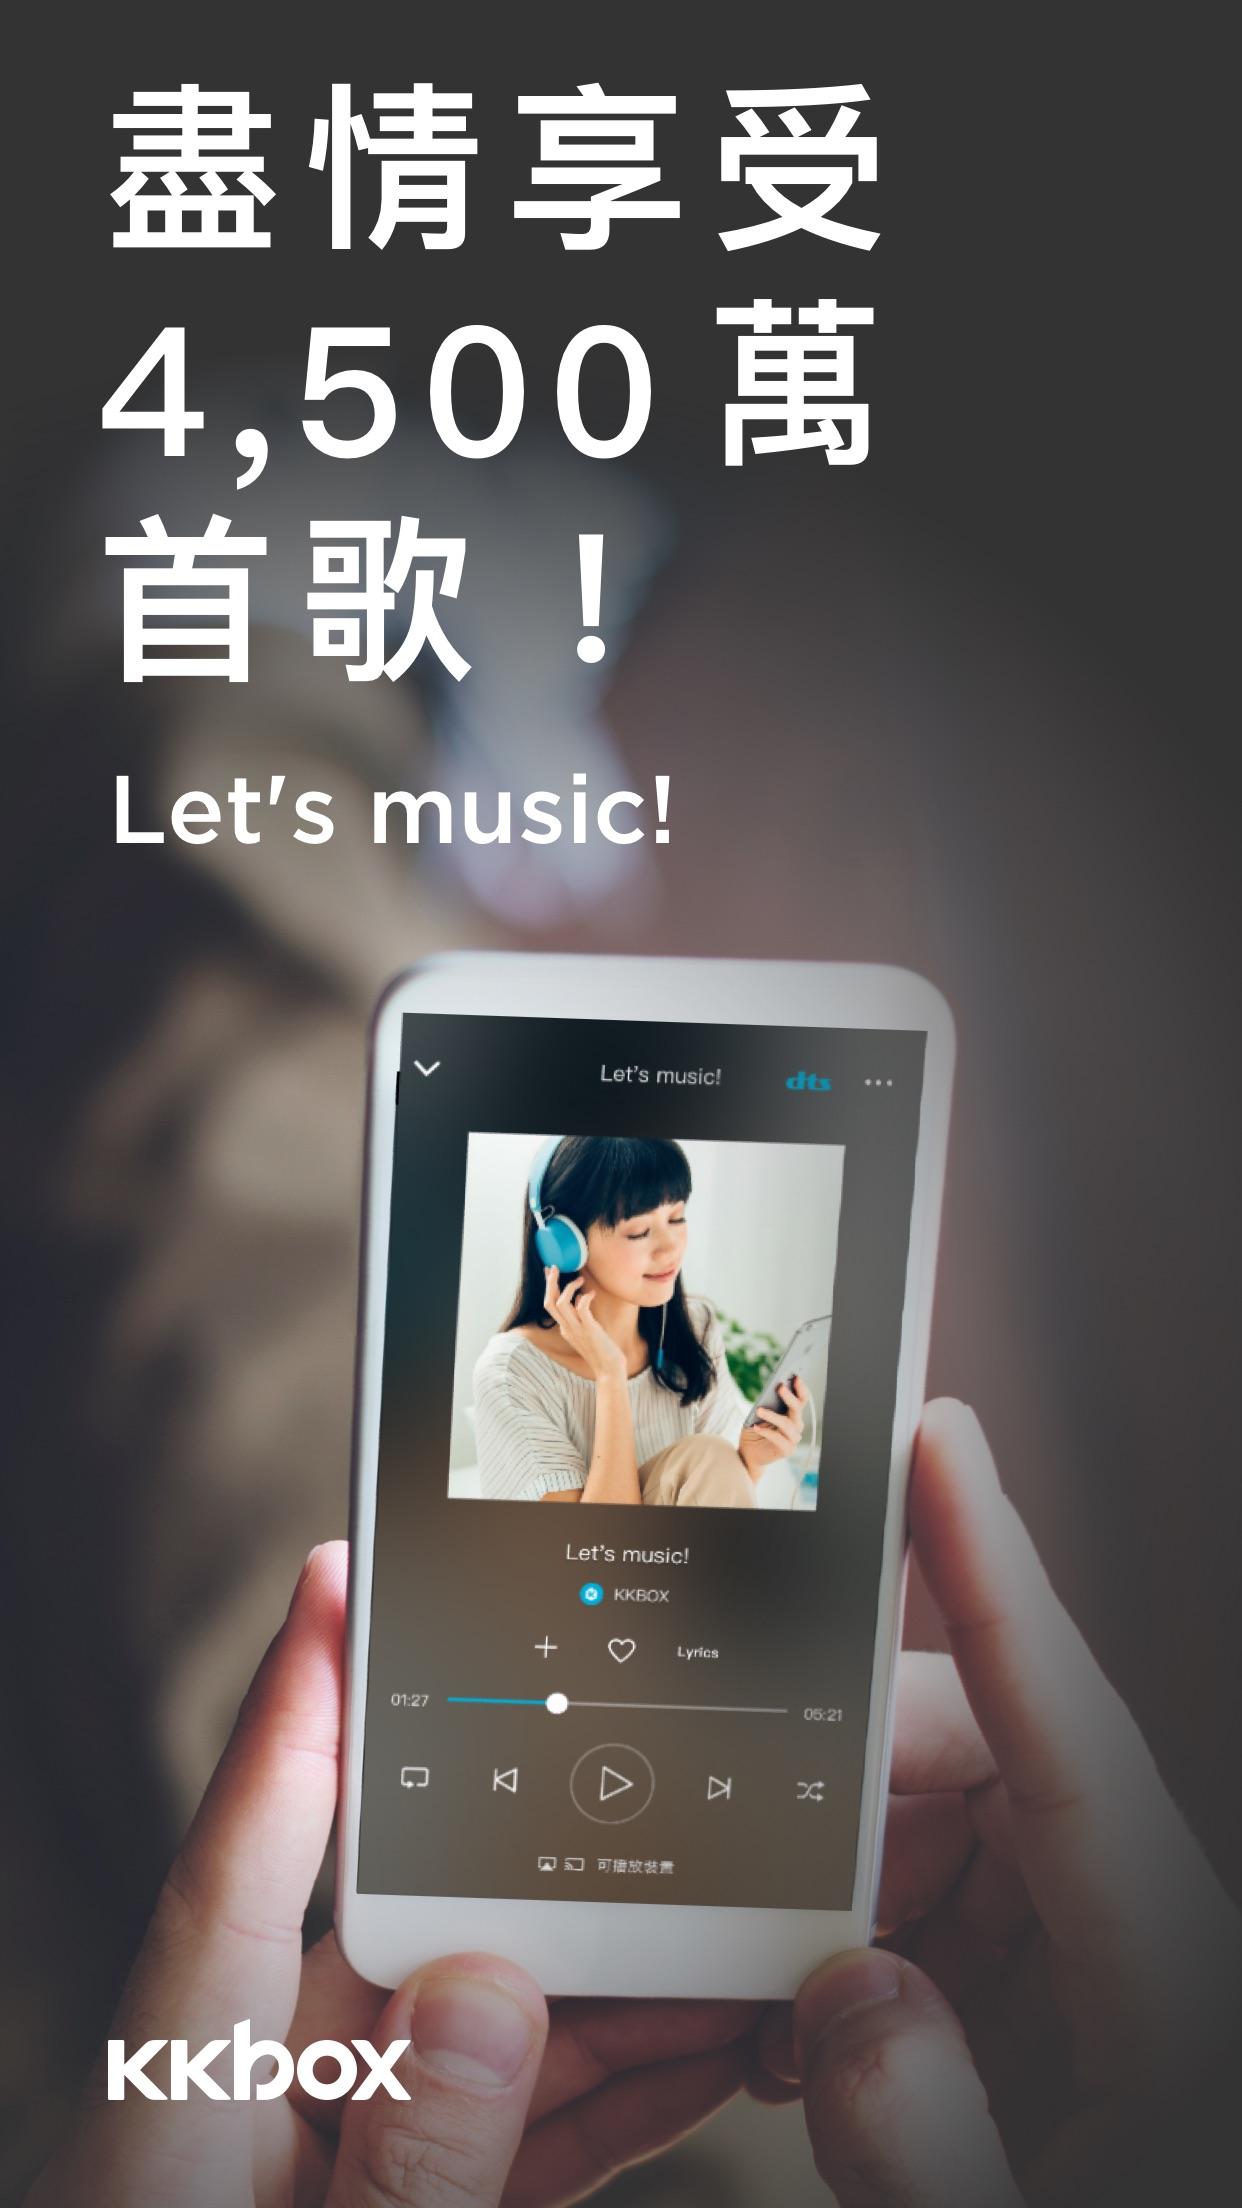 KKBOX - Listen to music 音樂無限聽! Screenshot